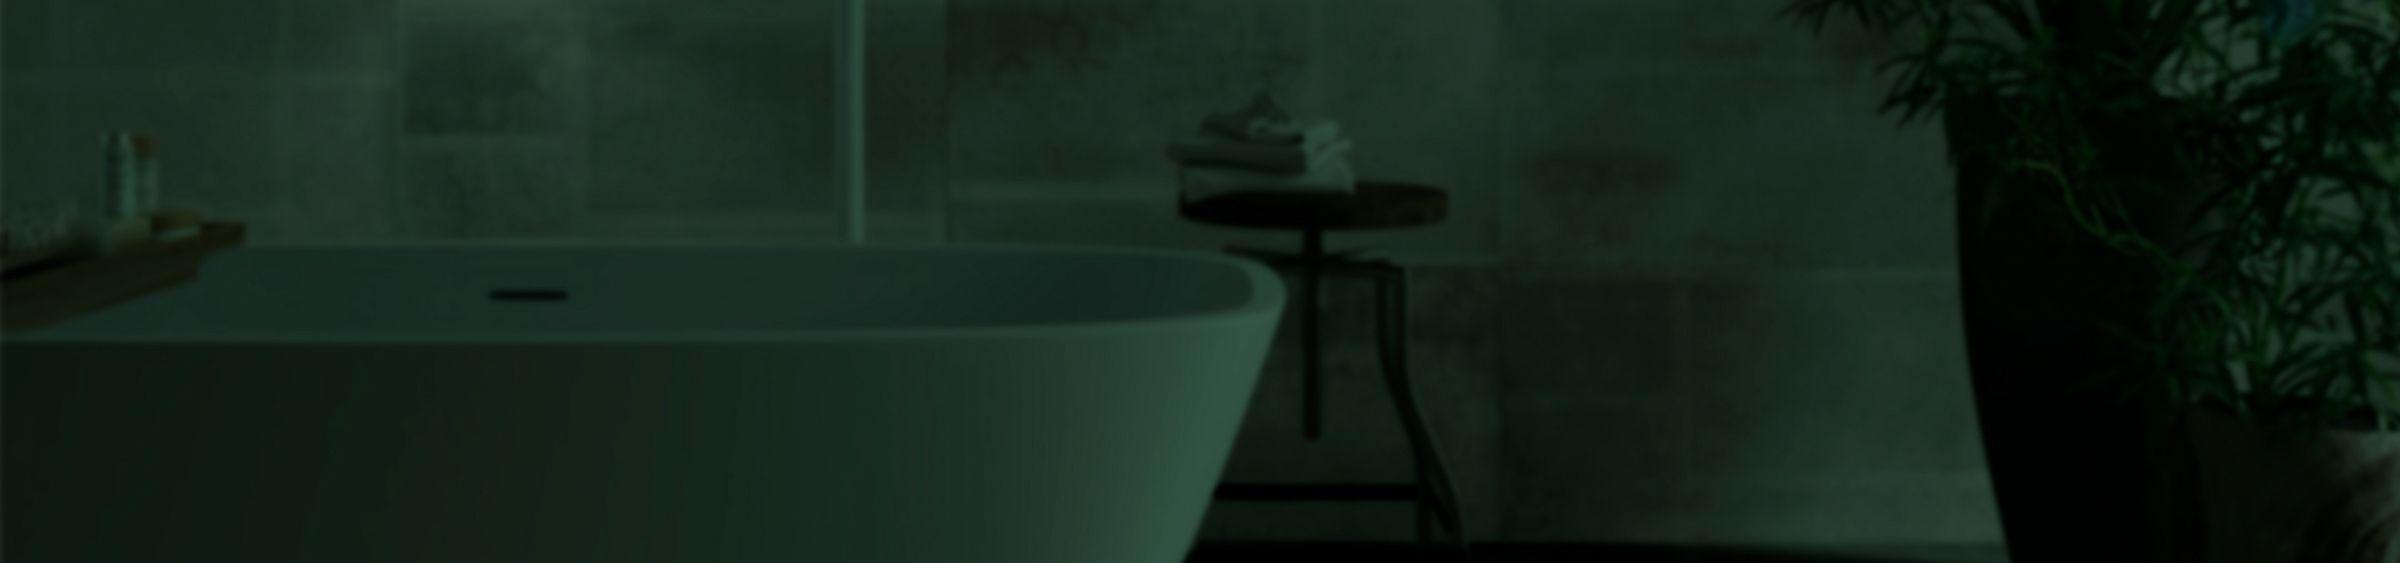 Badkamerkranen - Banner - Welke trend stijlen passen bij u?